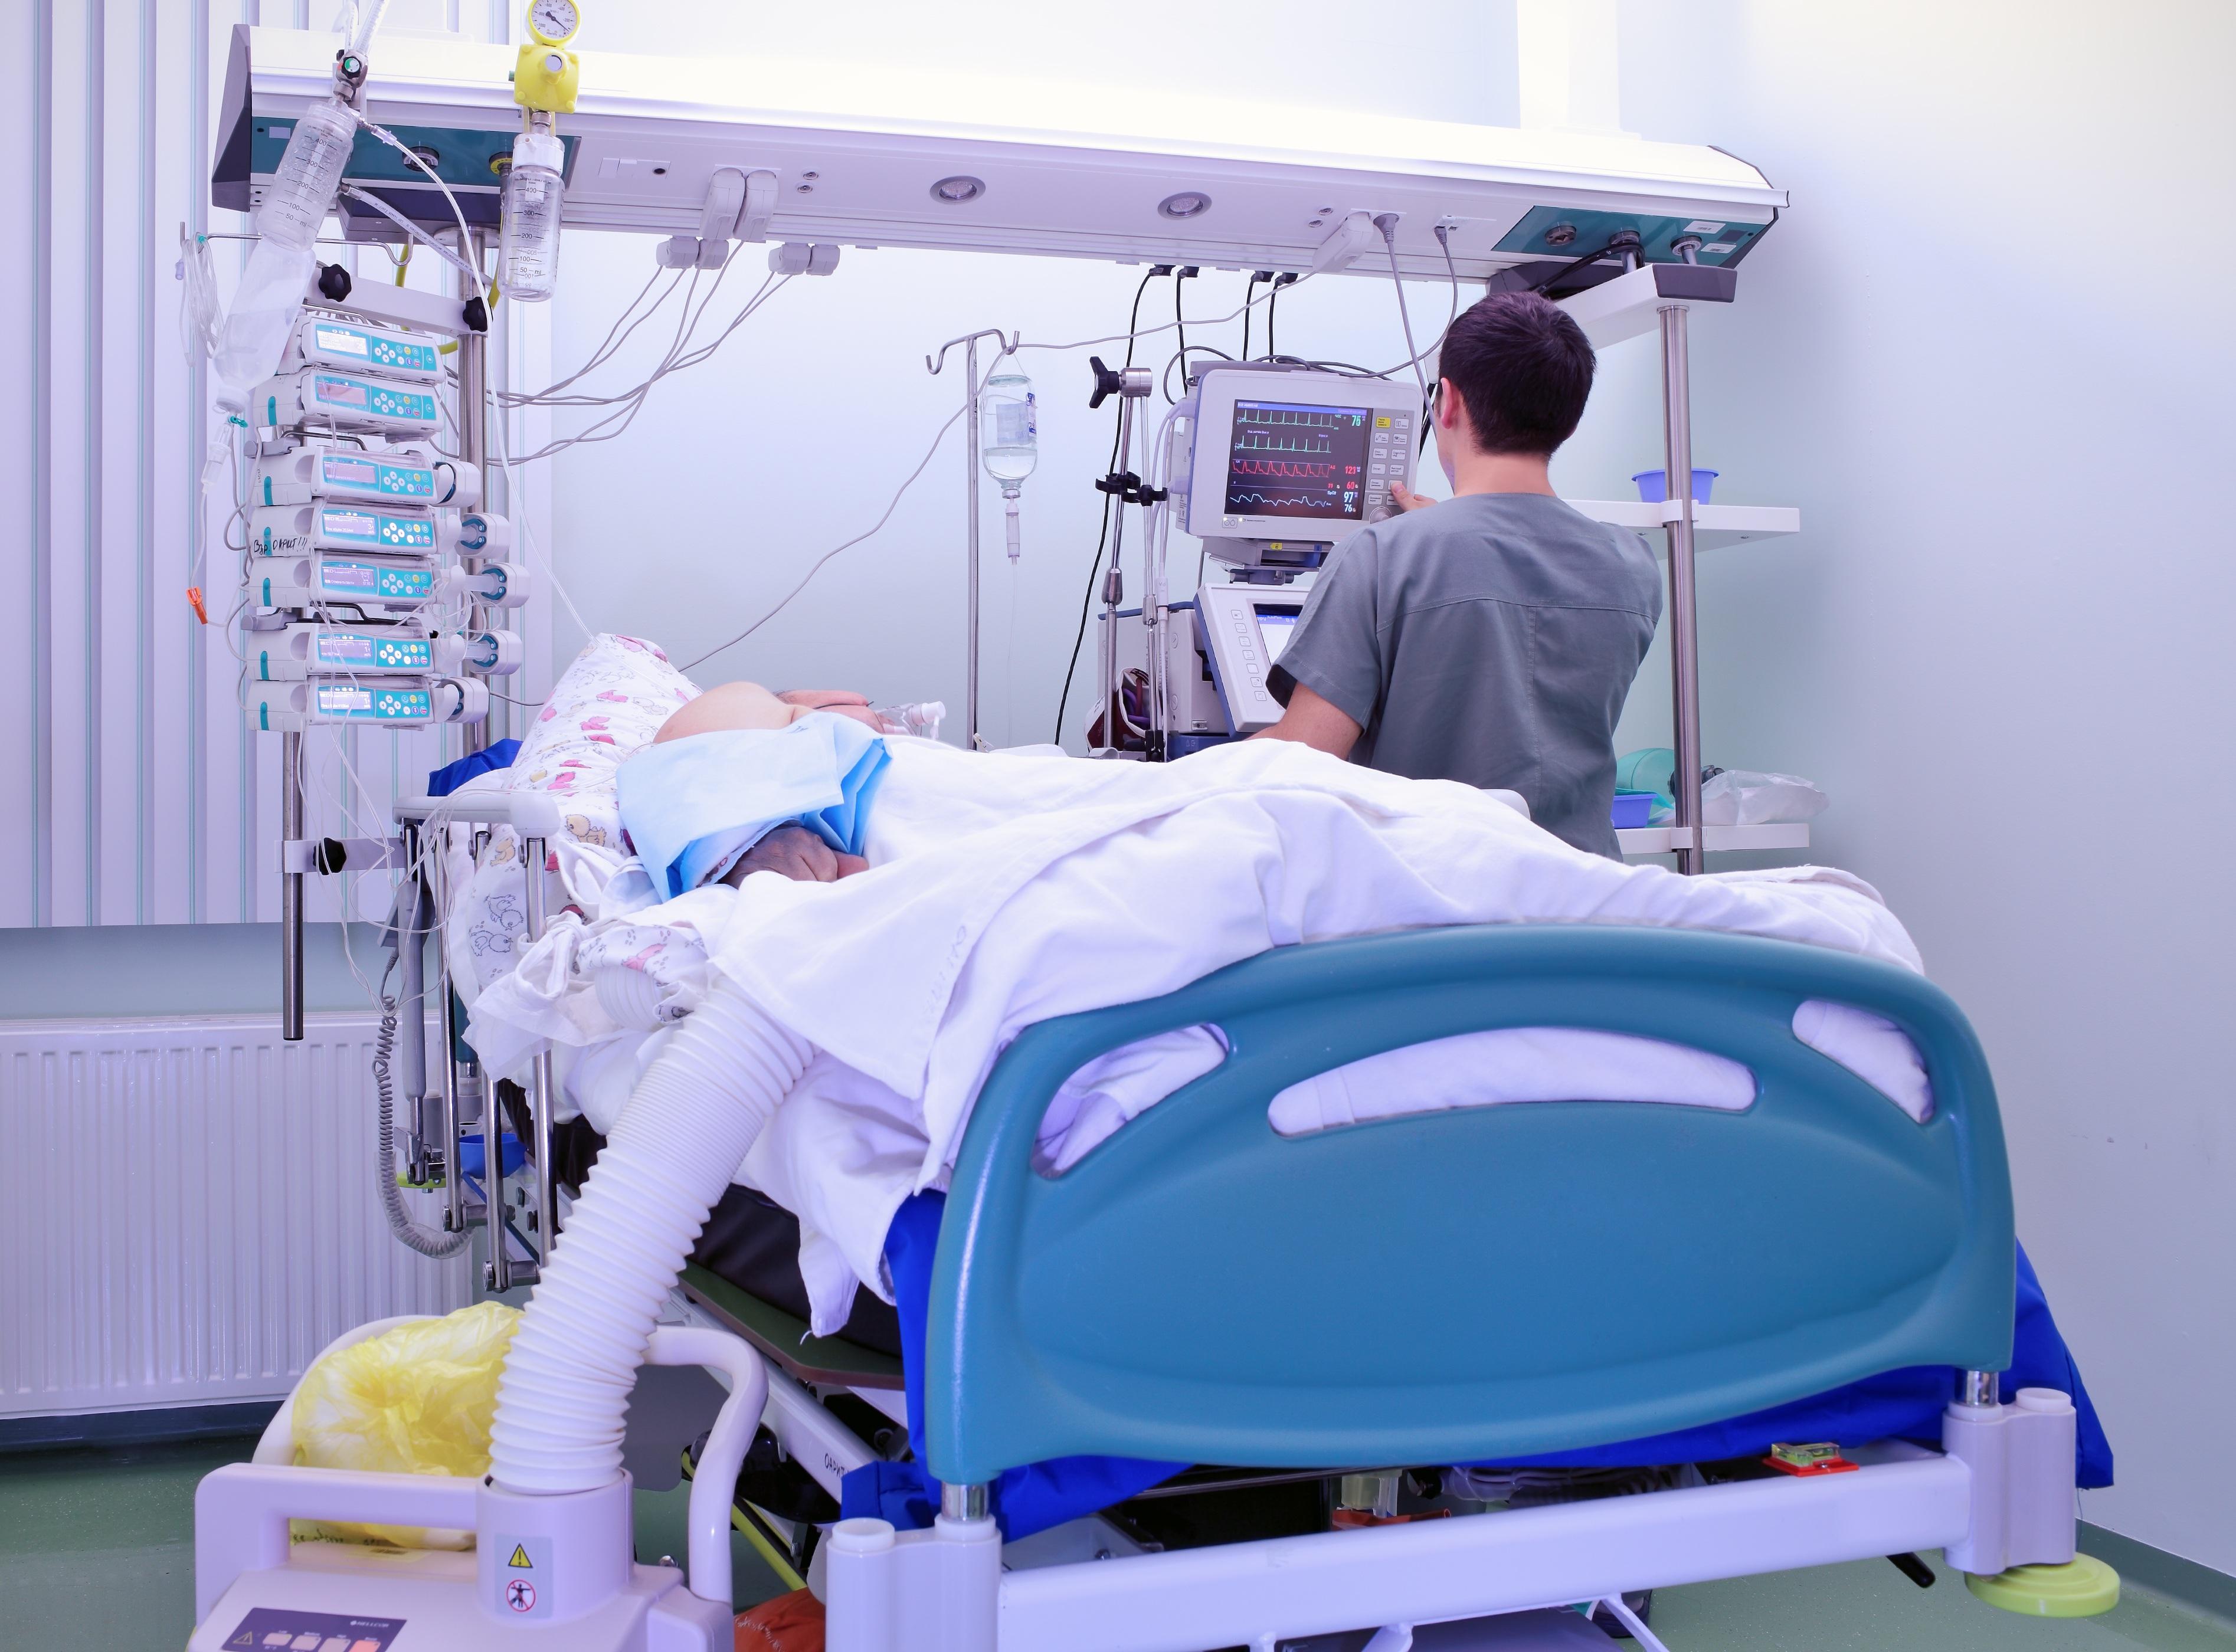 Nhiều BS cho rằng dù còn một cơ hội điều trị cũng phải cố hết lòng vì người bệnh.